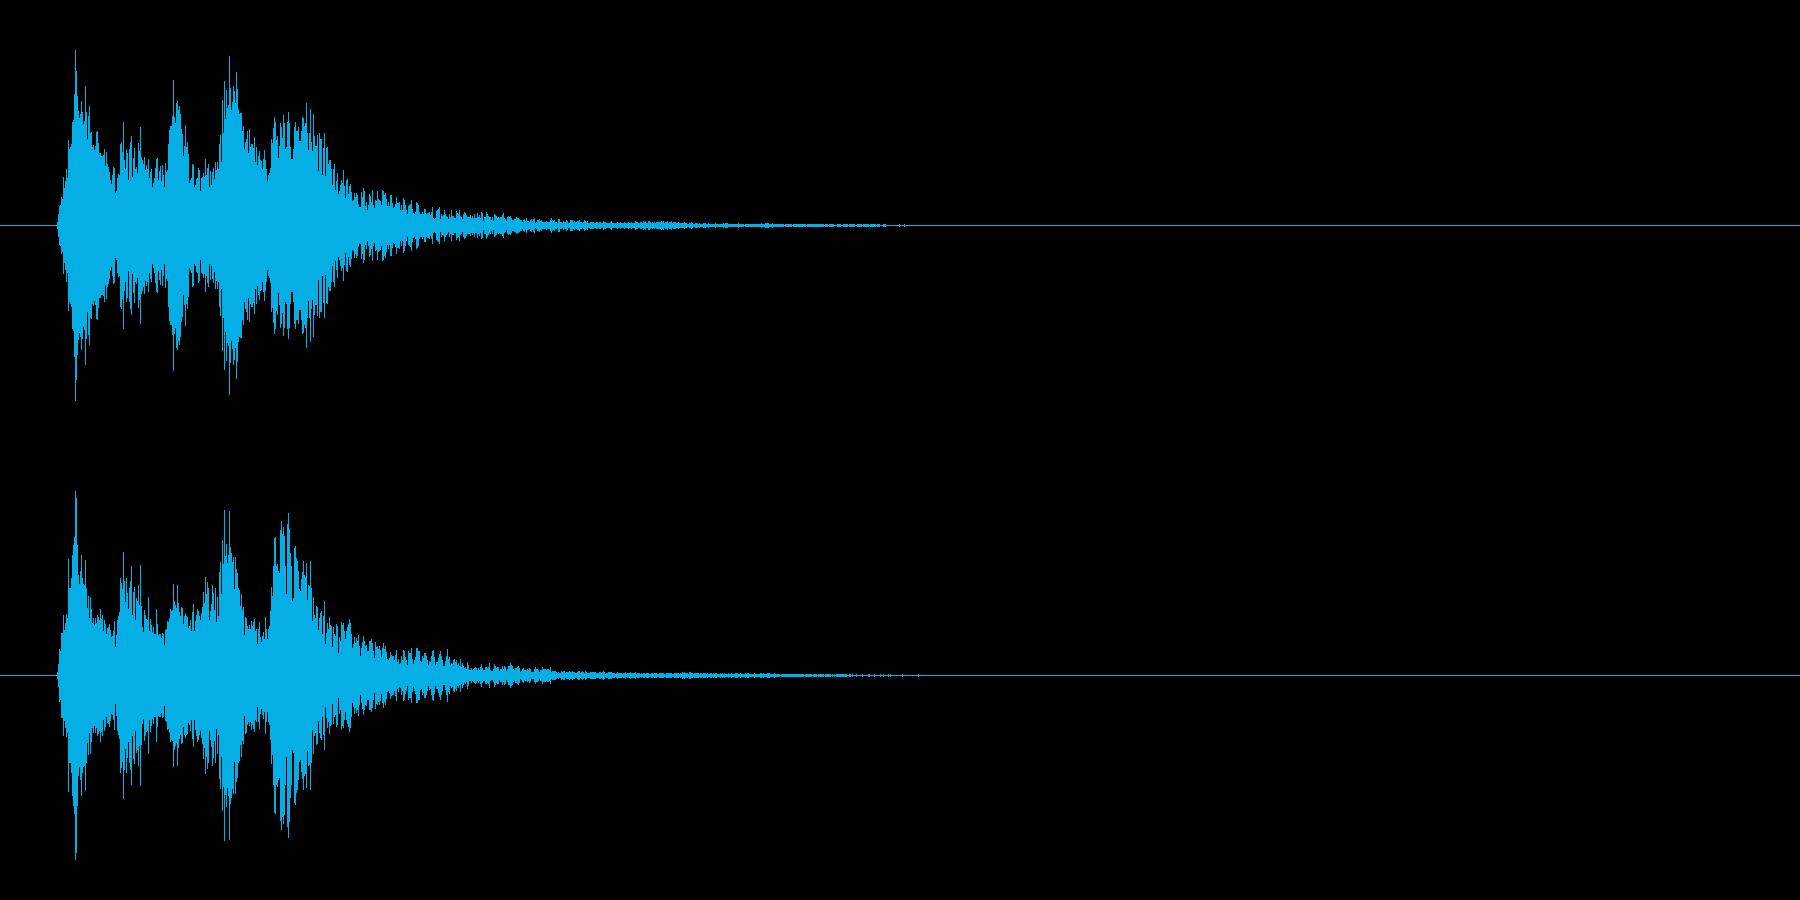 邦楽風_場面展開の再生済みの波形